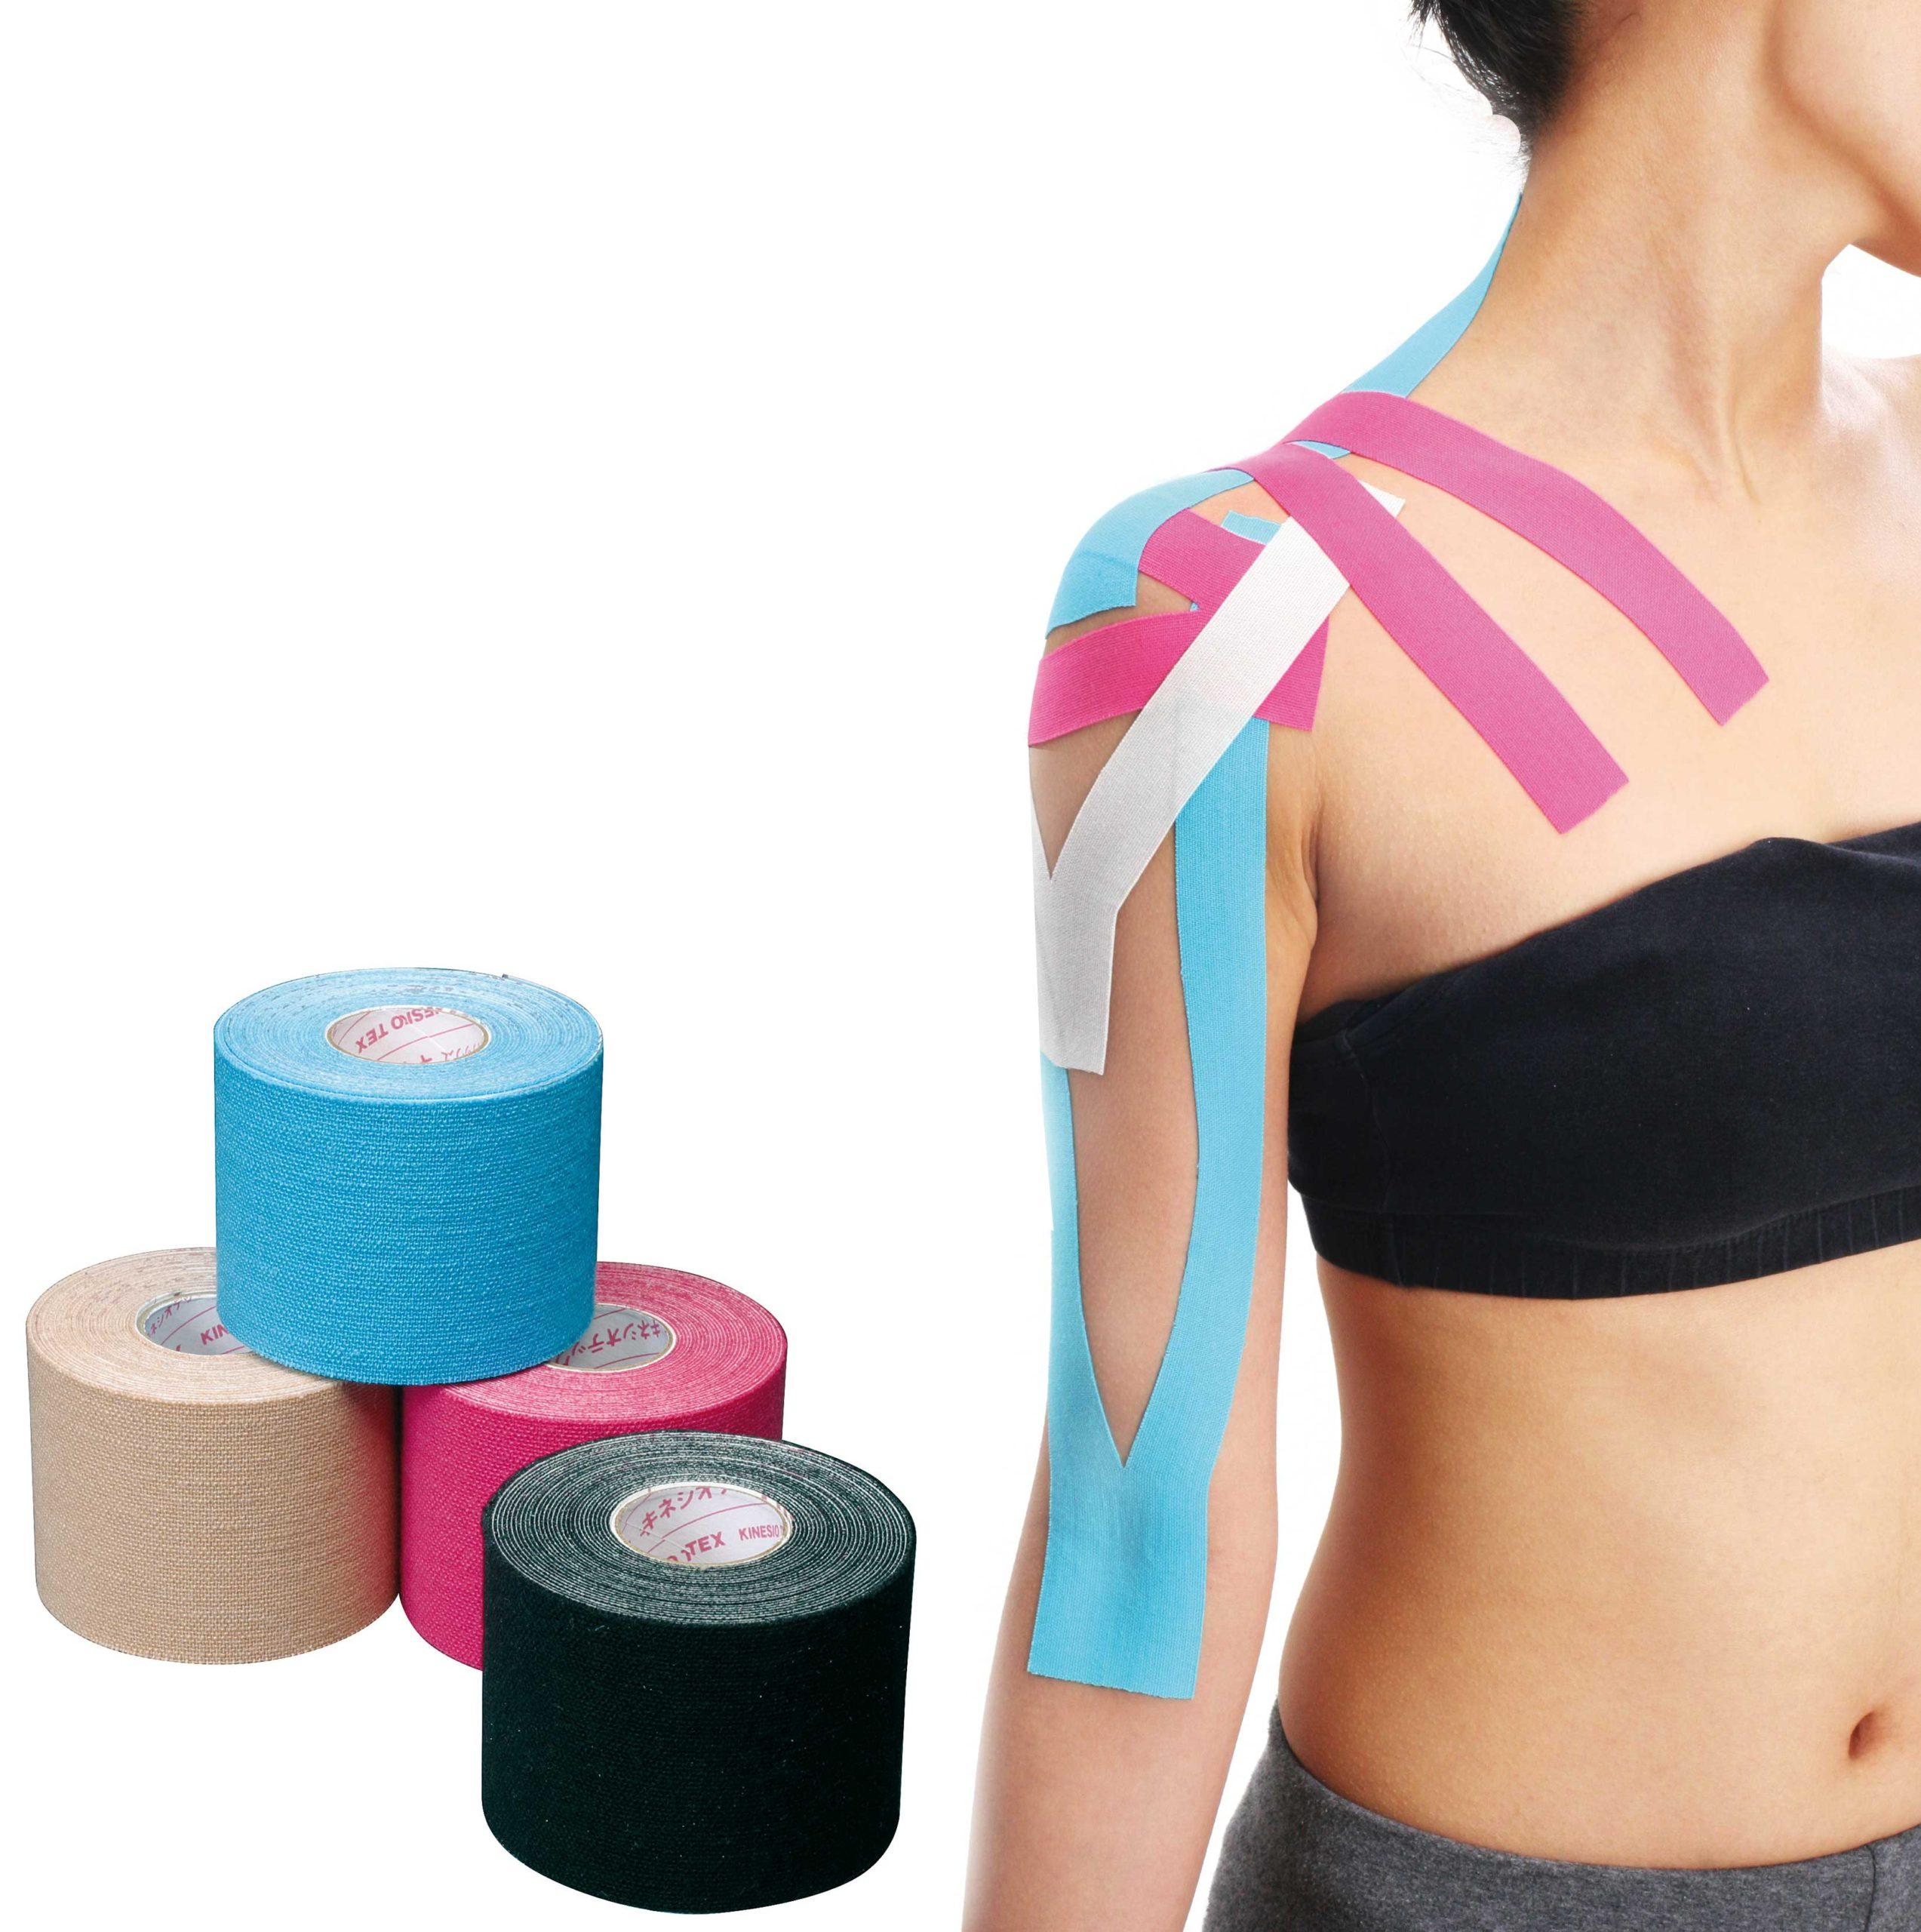 Tapes elásticos adhesivos deportivos y terapéuticos